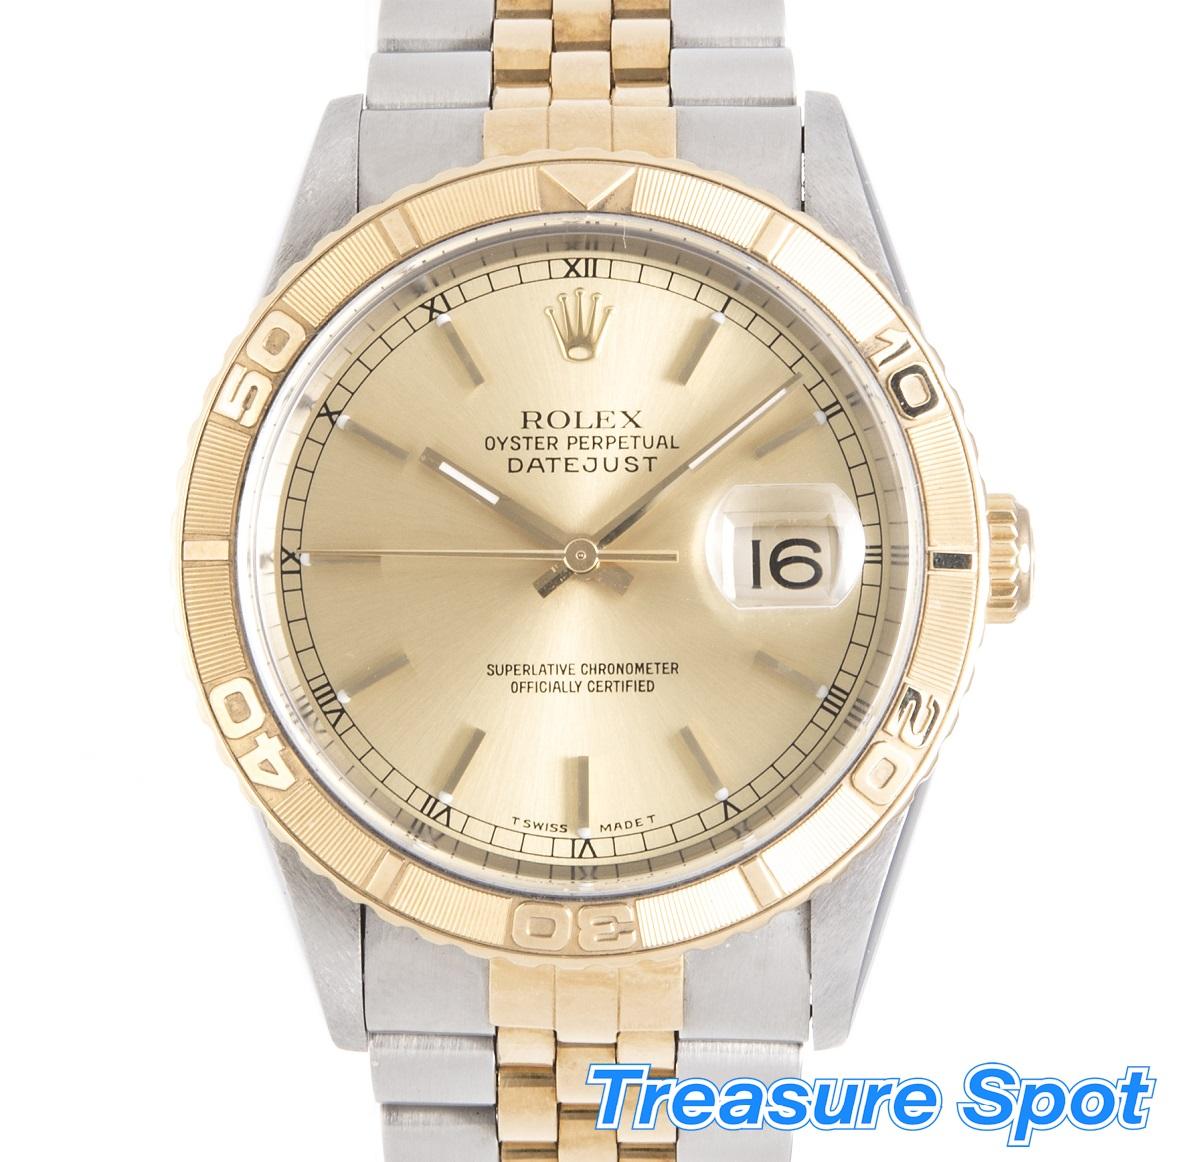 ROLEX ロレックス サンダーバード 16263 SS×YG ステンレス×イエローゴールド  自動巻き AT メンズ 1998年 メンズ 腕時計 送料無料 【トレジャースポット】【中古】